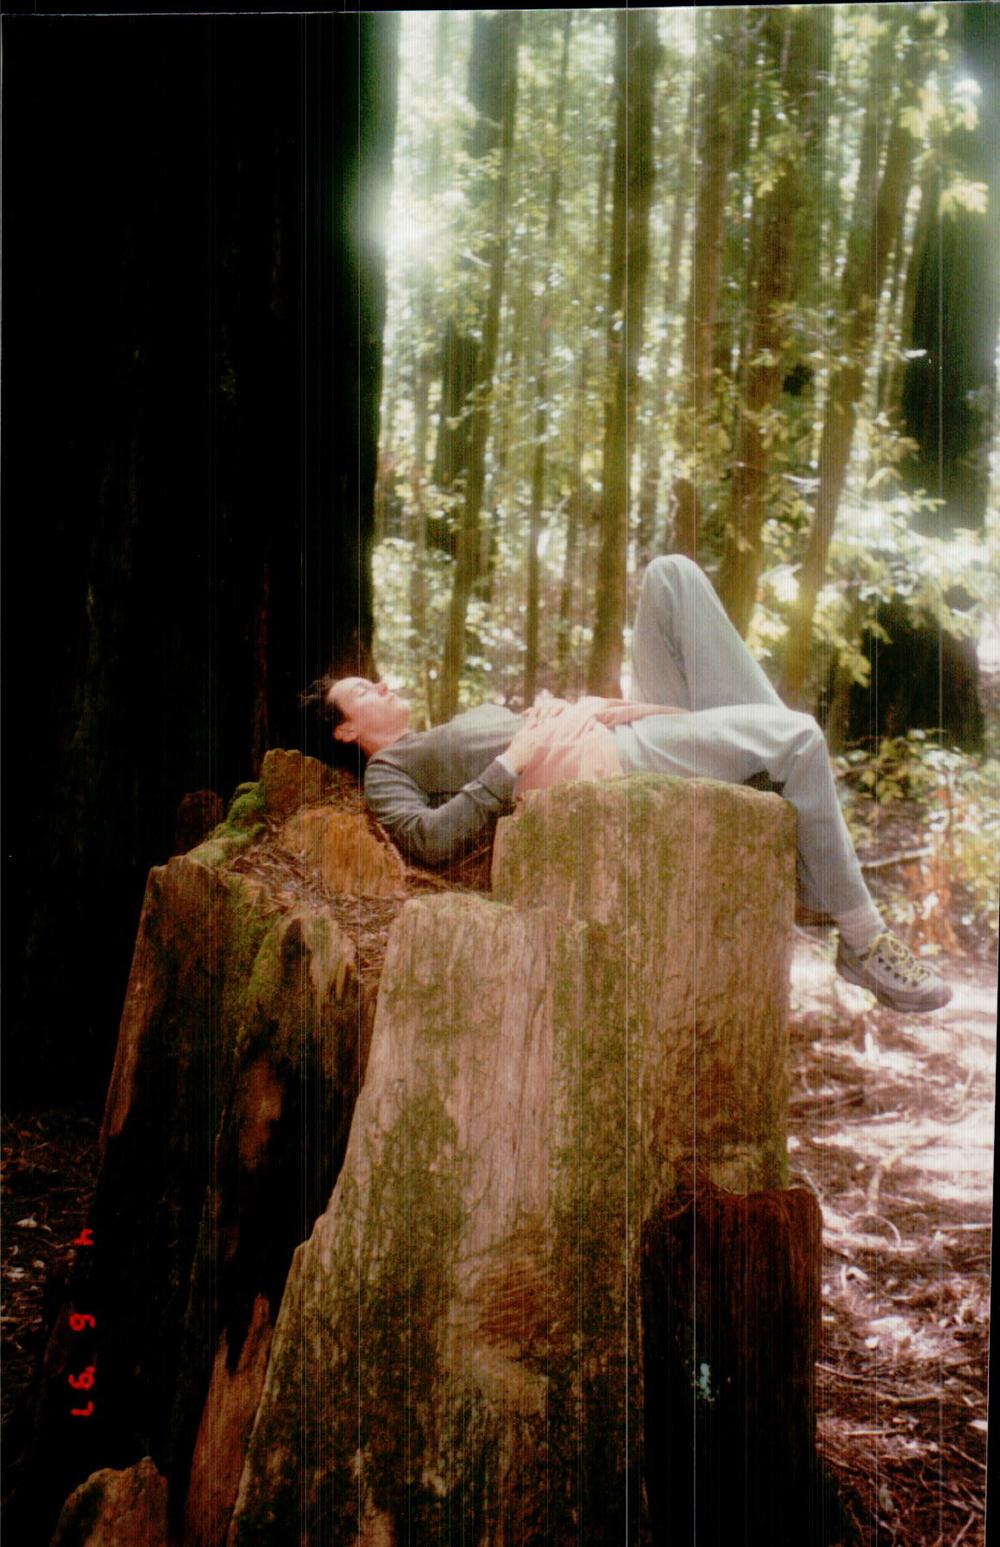 Beloved in California Redwoods